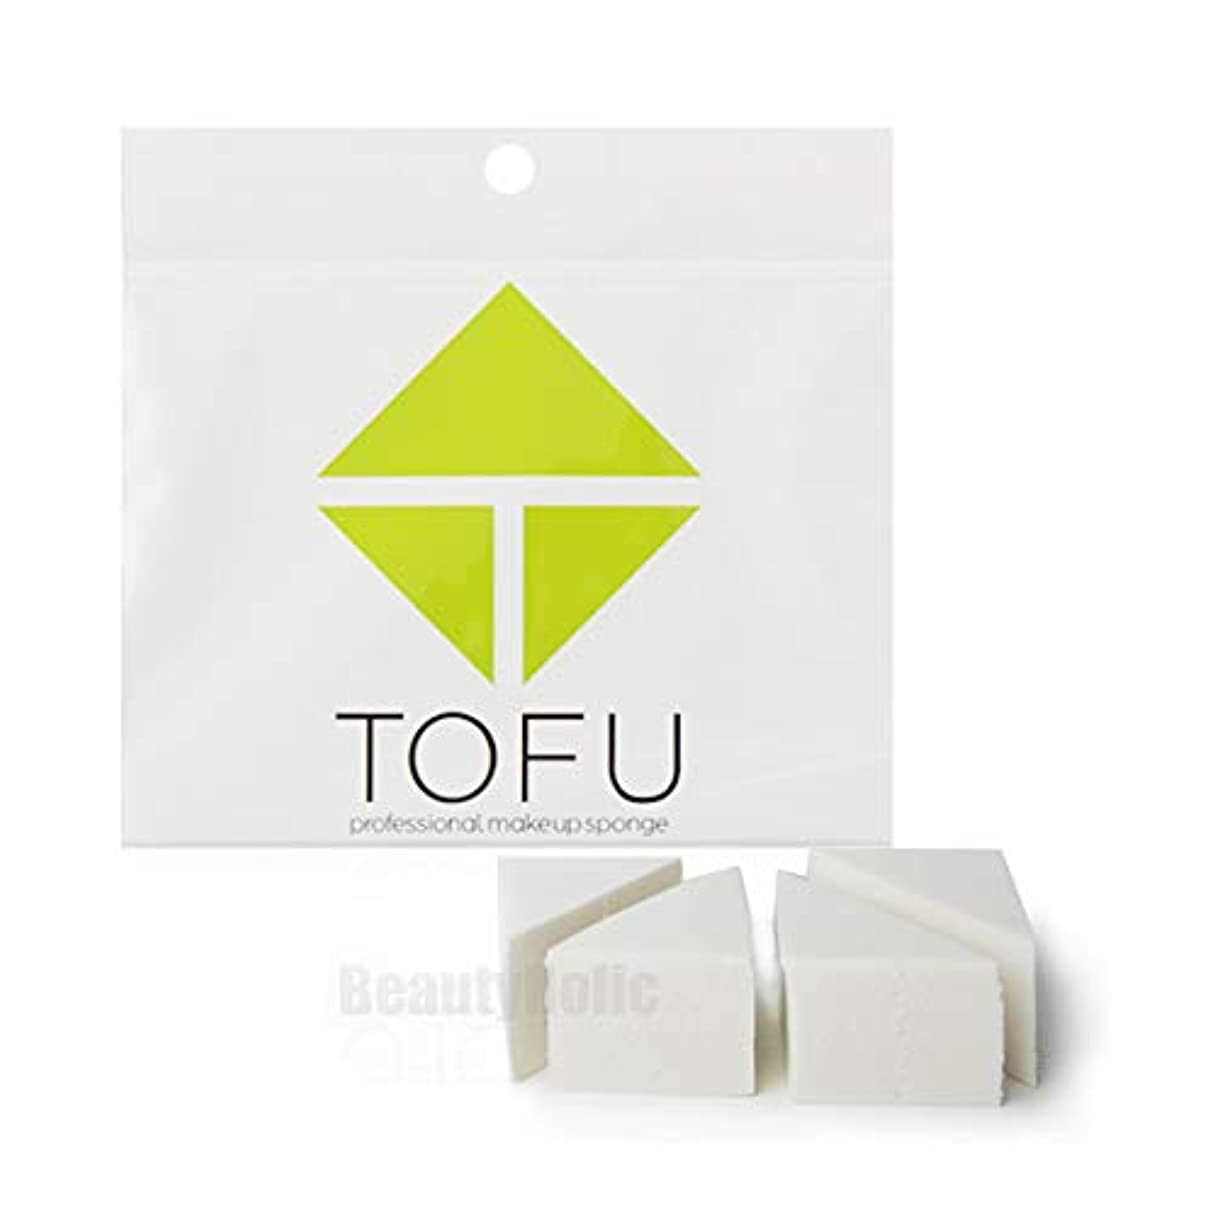 批判的に滞在きれいにTOFUプロフェッショナル メイクアップスポンジ Re: